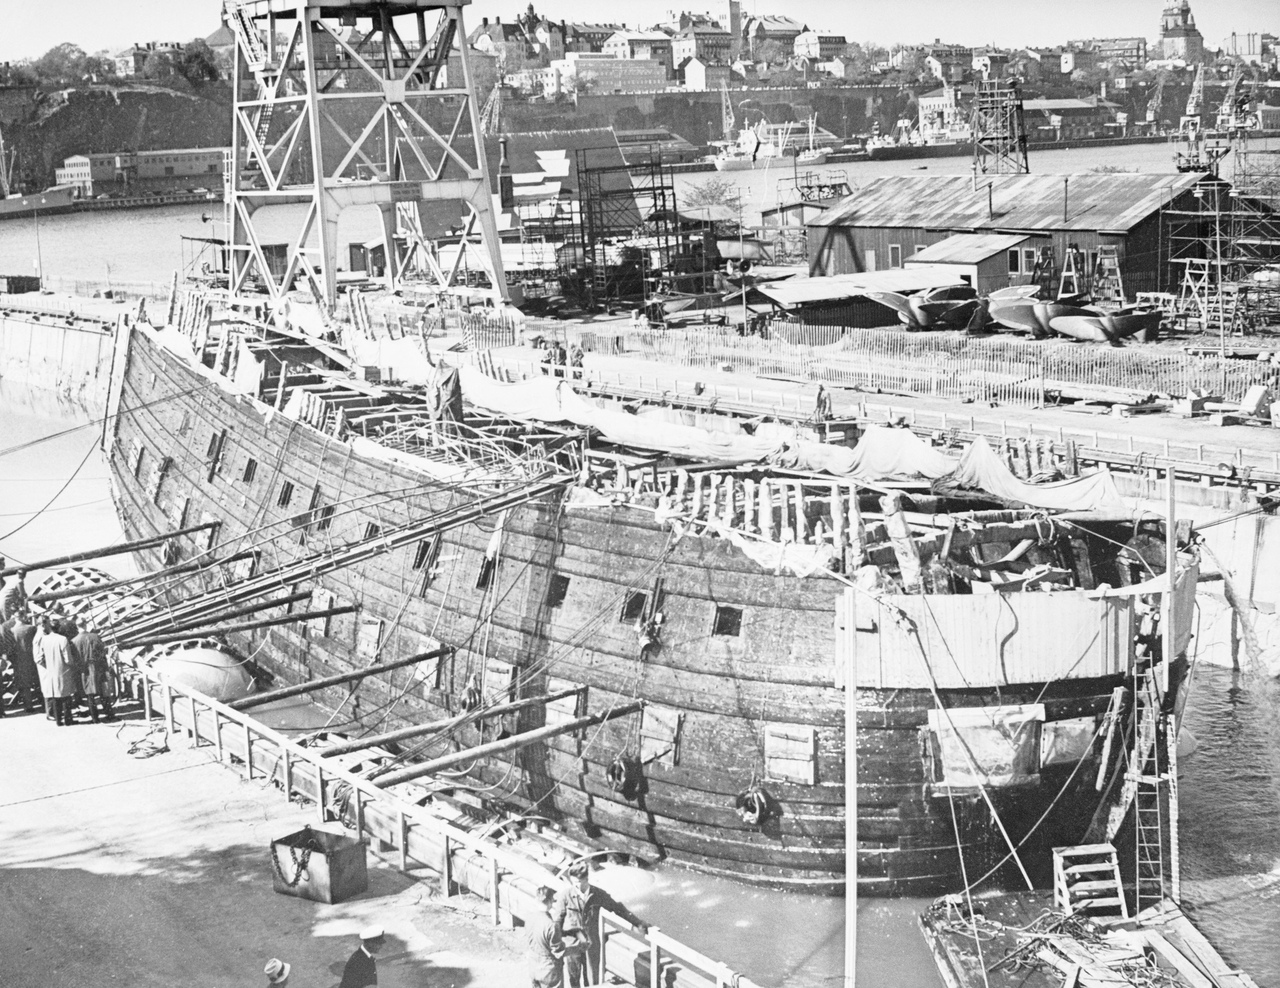 """Поднятие со дна затонувшего в 1628 году боевого корабля """"Ваза"""", Стокгольм, 1961 год."""